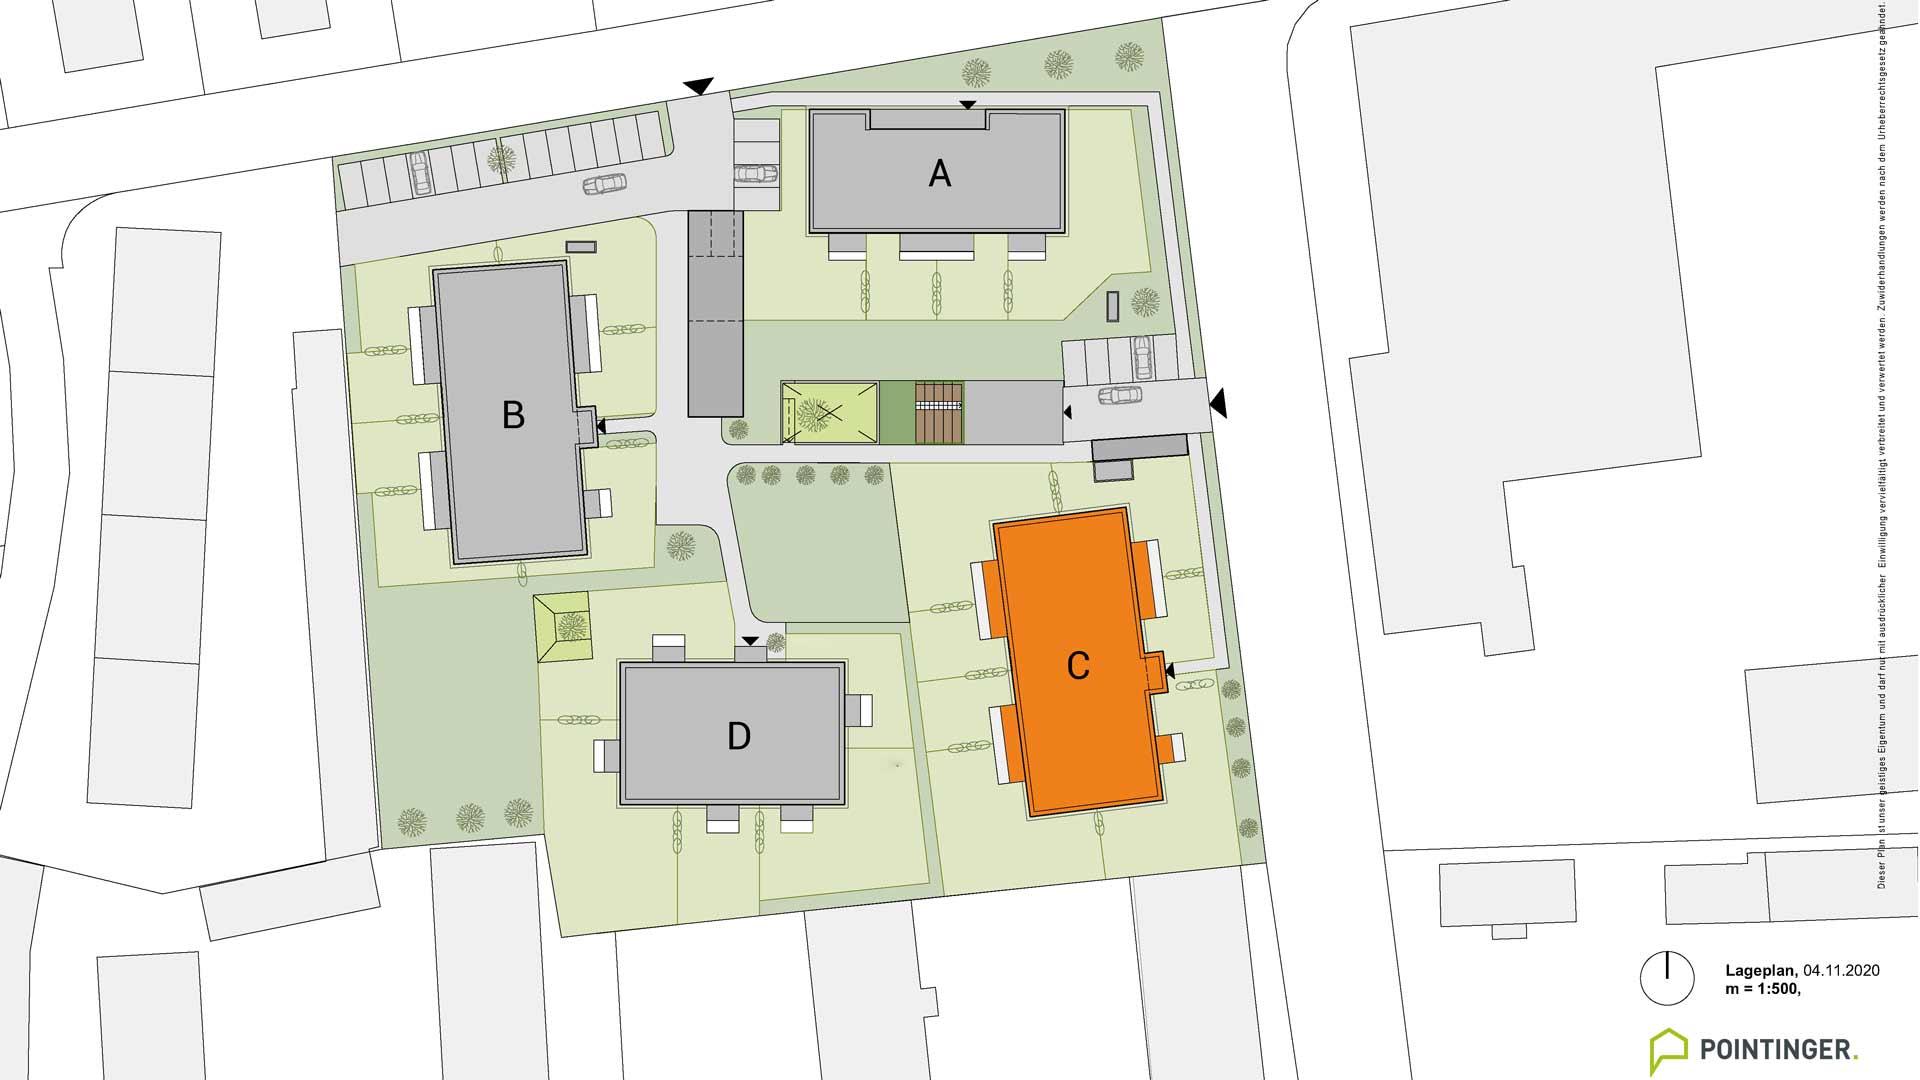 all-in99 Projekt Villach Lageplan Bauteil C orange markiert